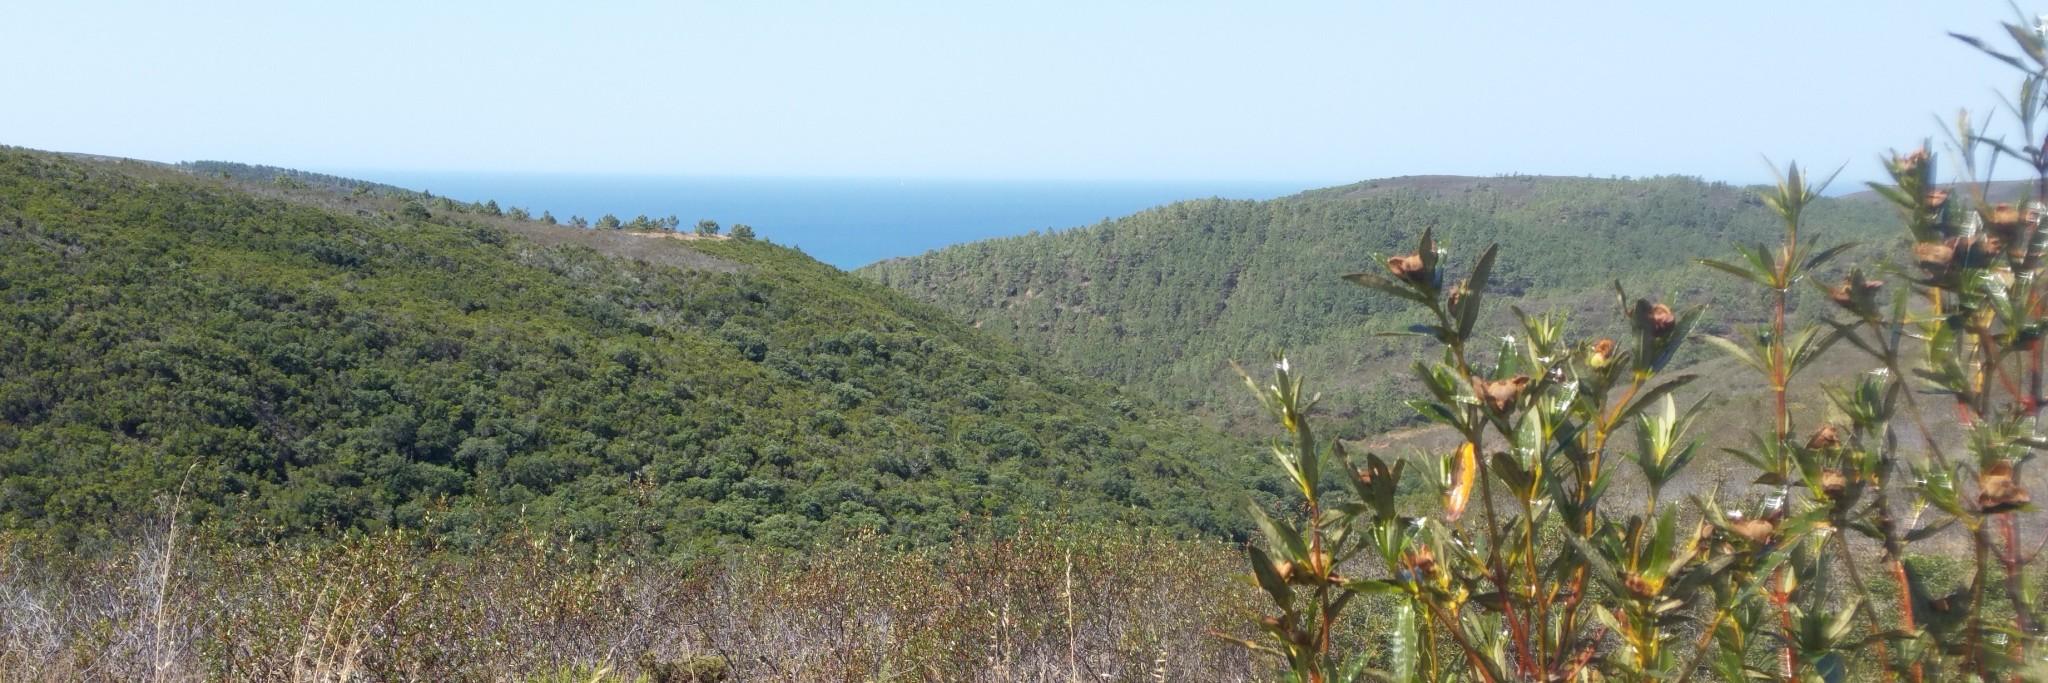 Cistes huileux et paysage